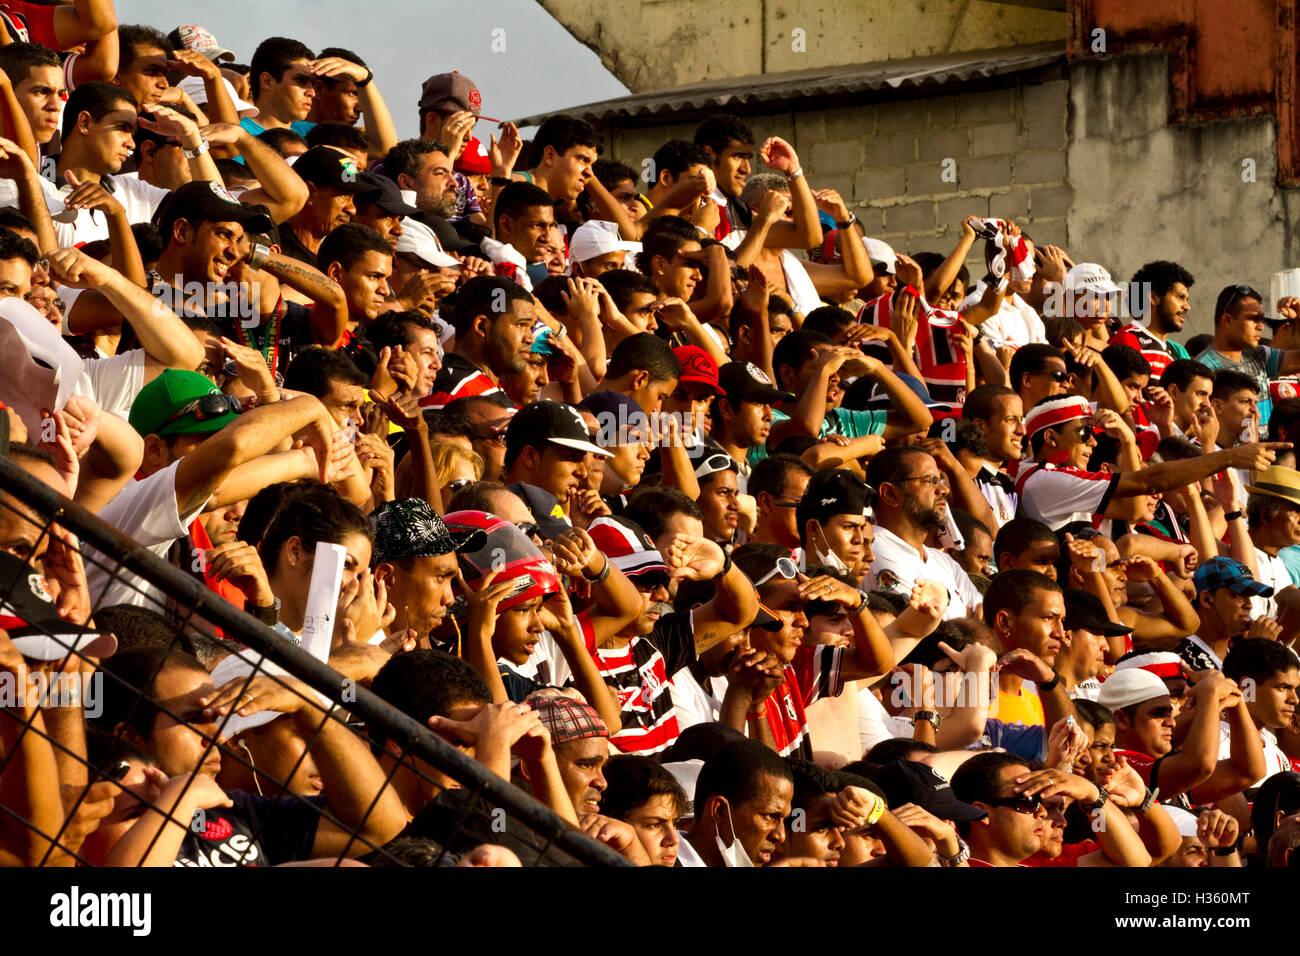 Soccer fans in Recife, Pernambuco, Brazil - Stock Image